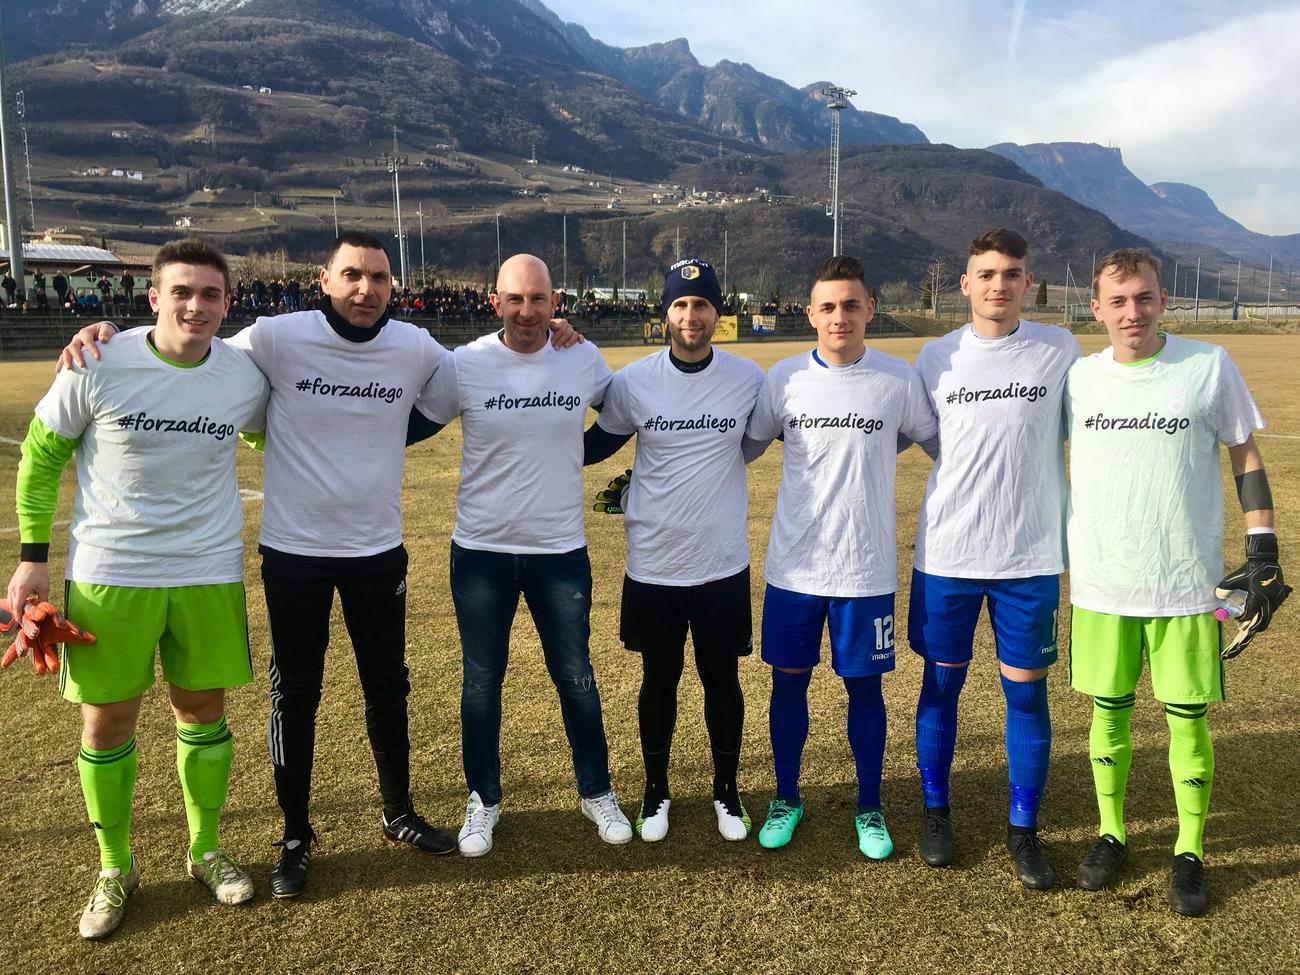 I portieri di Trento e Termeno sono scesi in campo domenica scorsa indossando la maglietta con l'hashtag #forzadiego